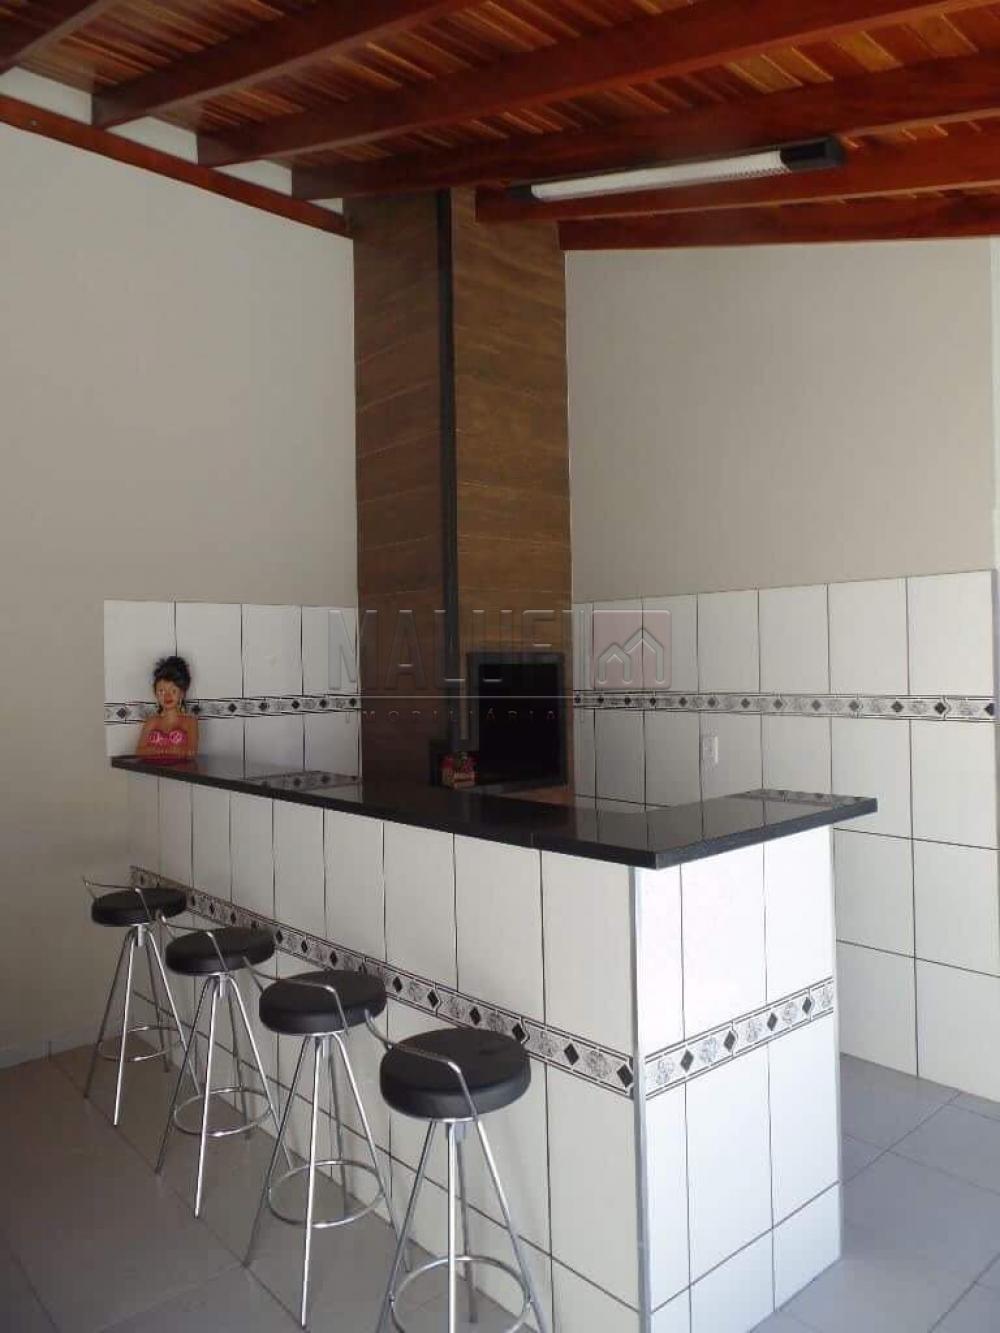 Alugar Casas / Padrão em Olímpia apenas R$ 1.700,00 - Foto 19